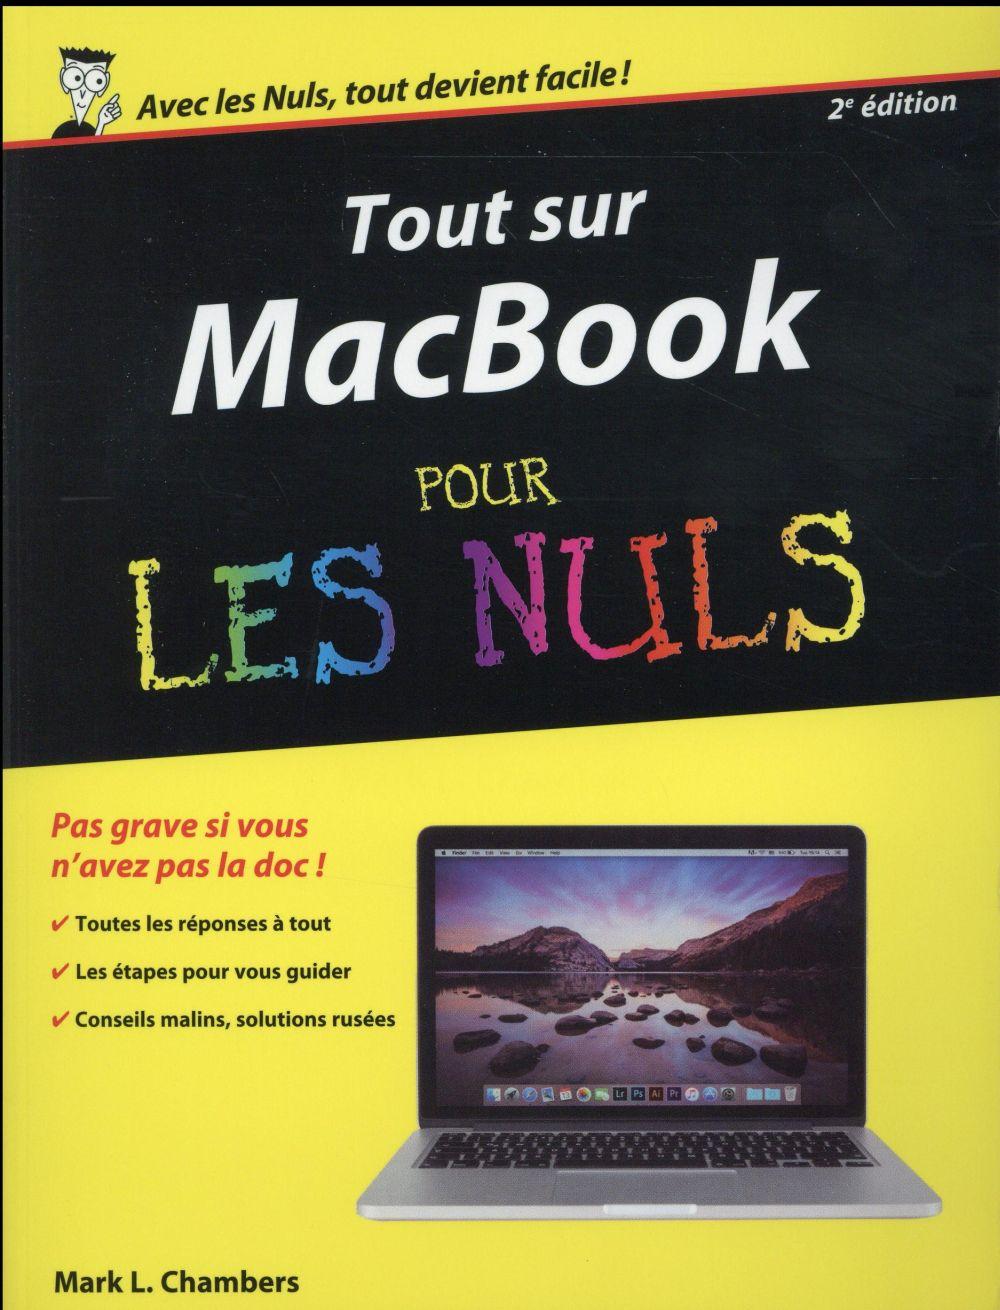 Chambers Mark L. - Tout sur MacBook pour les nuls